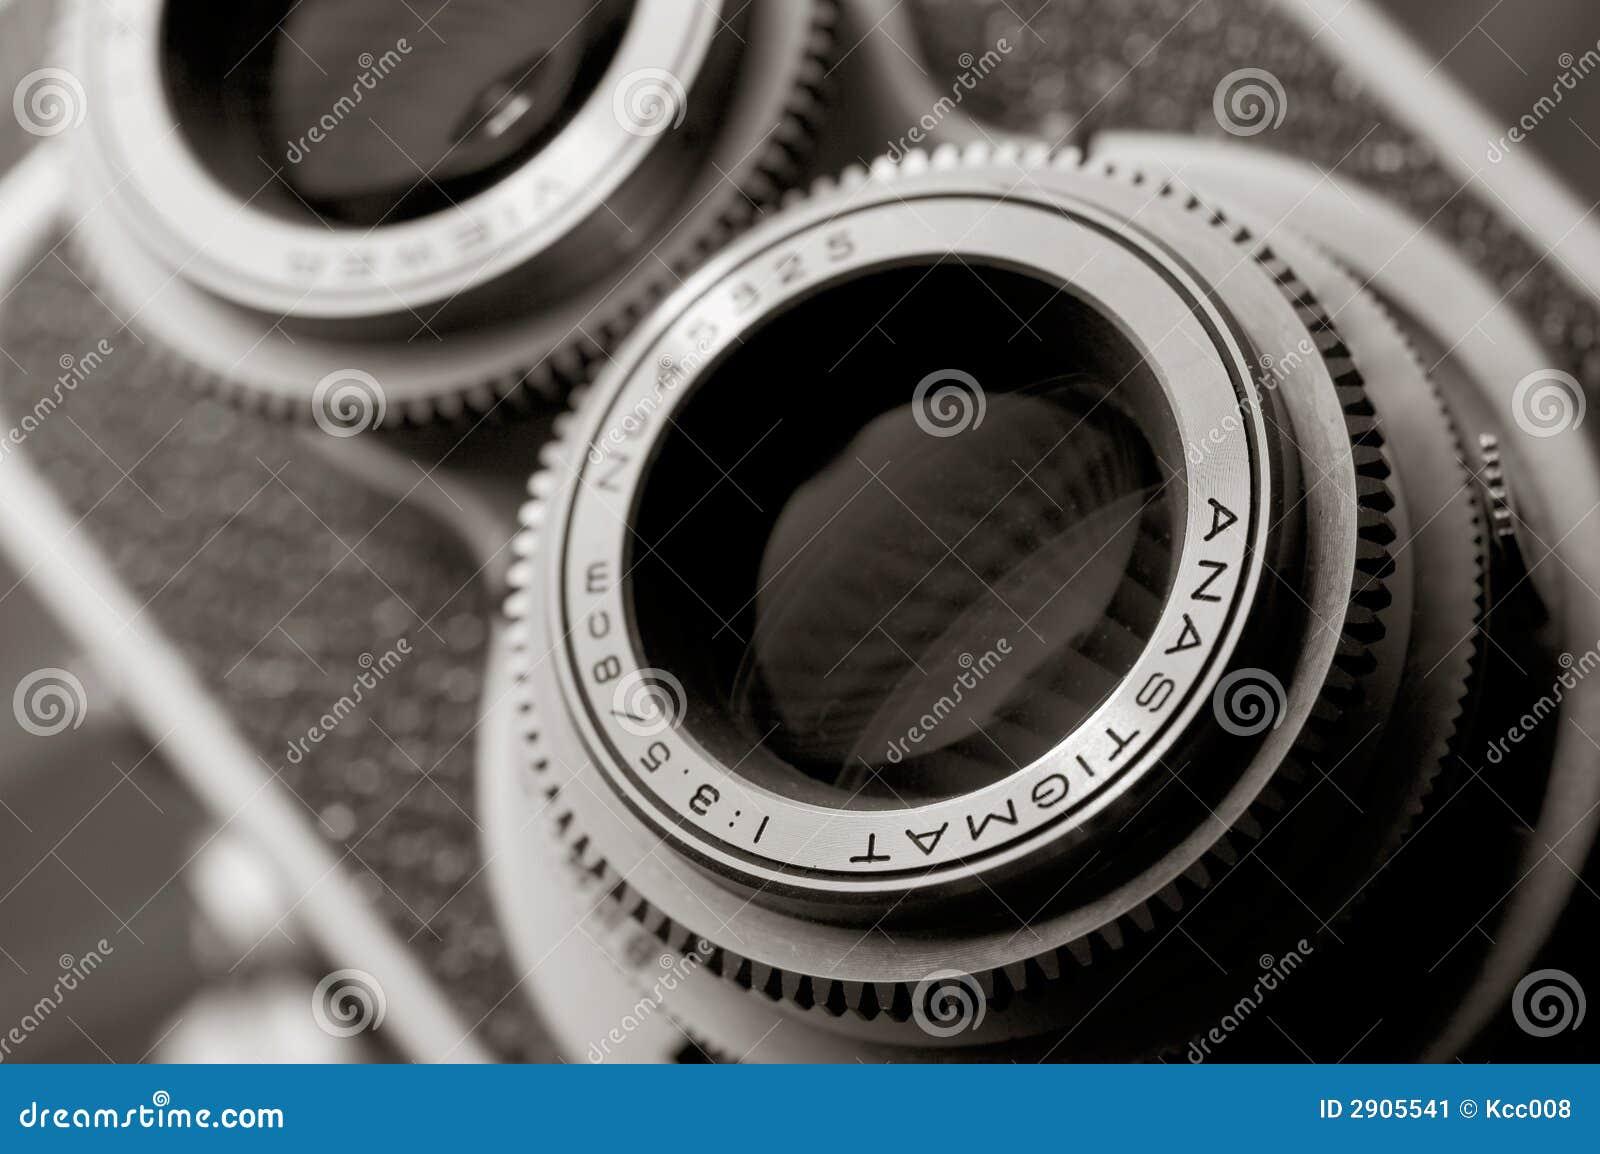 Vintage TLR camera